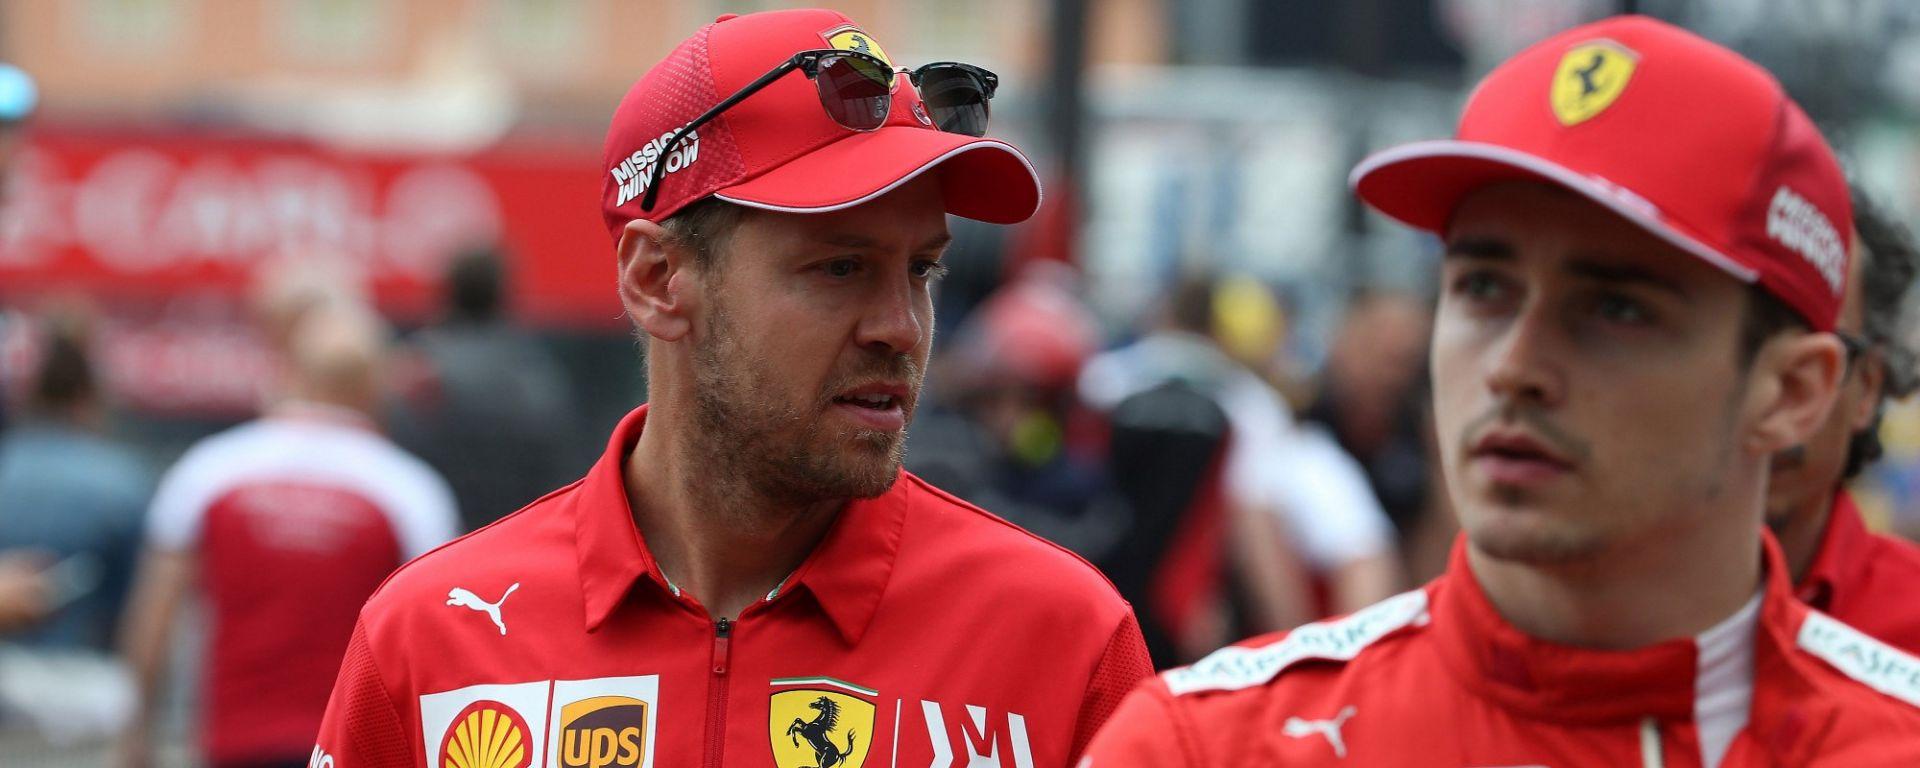 """Ferrari, giornata complicata a Monaco. Vettel: """"Ci manca fiducia"""""""